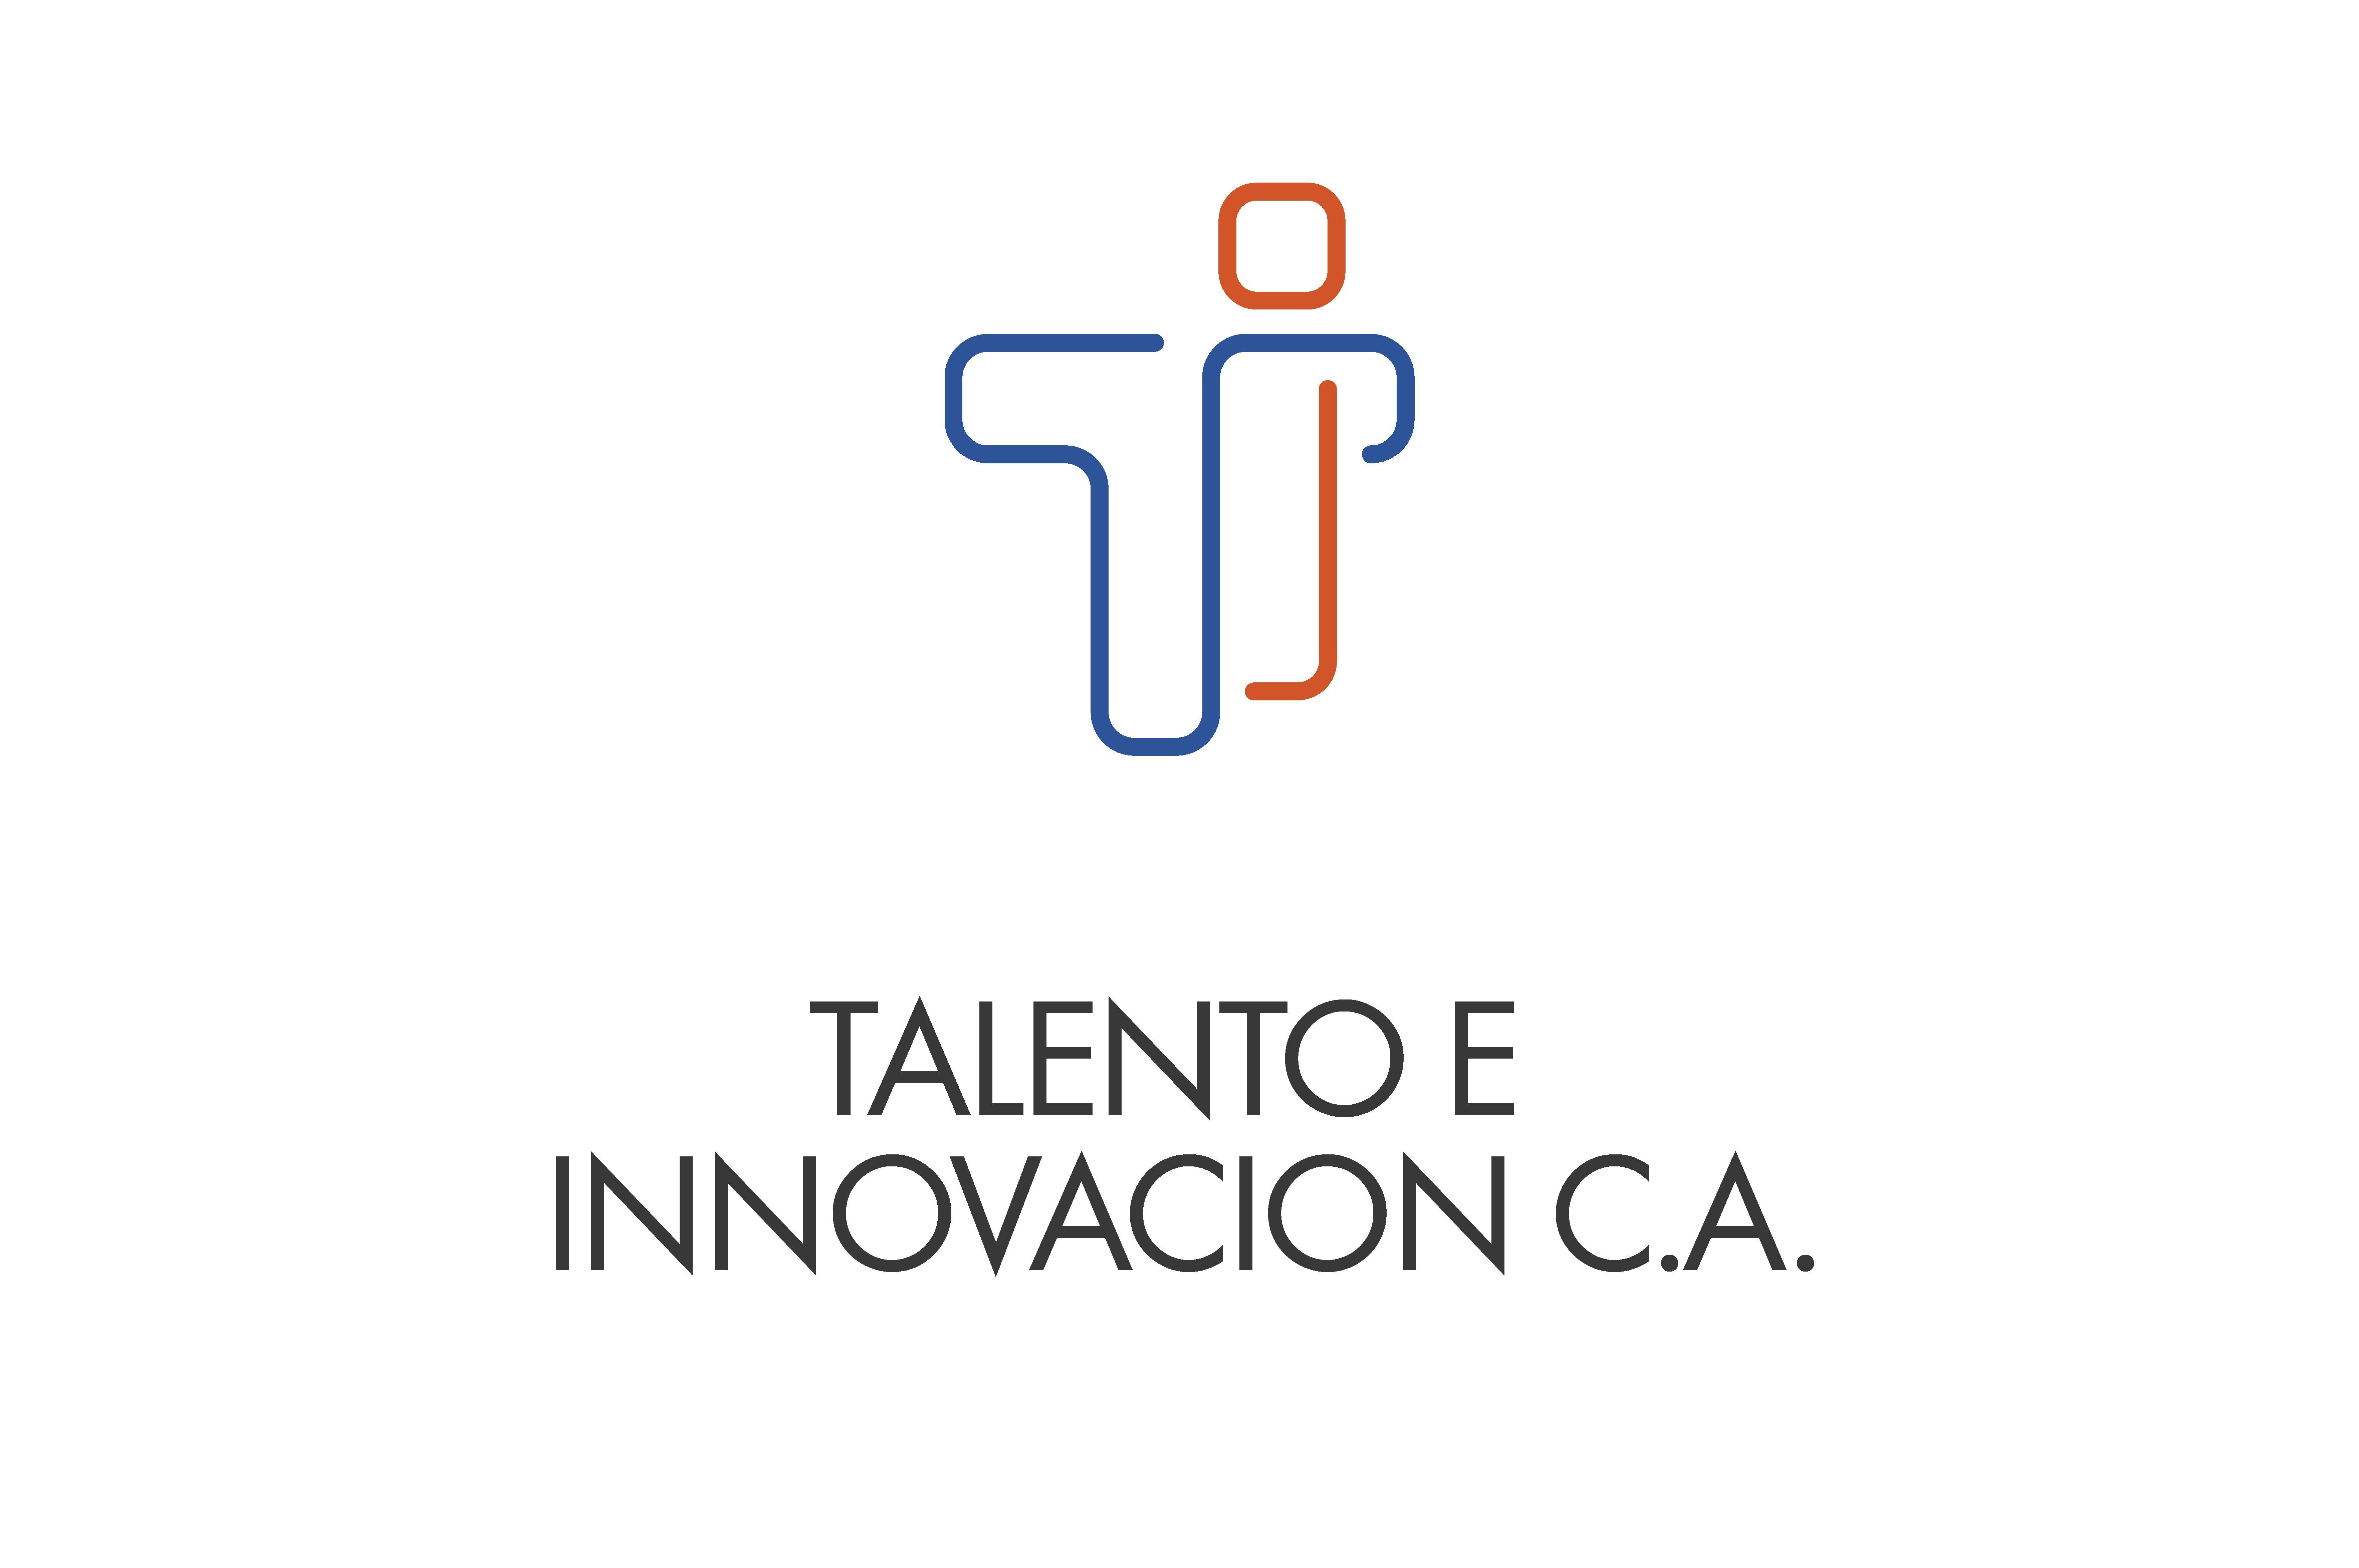 Talentos e Innovación, CA